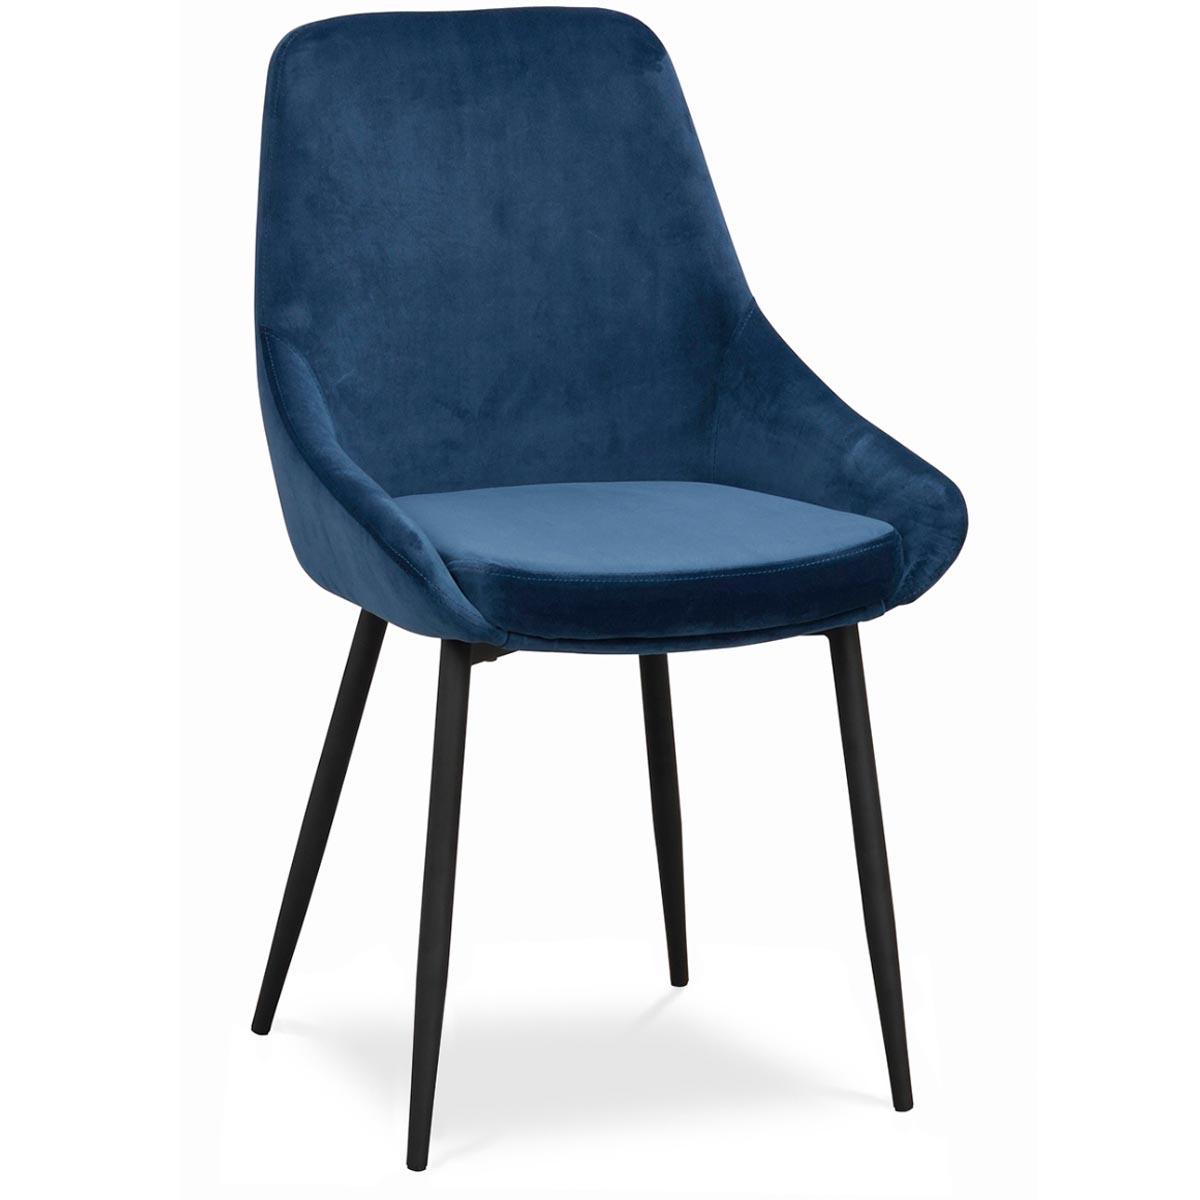 Ebbot stol sammet mörkblå